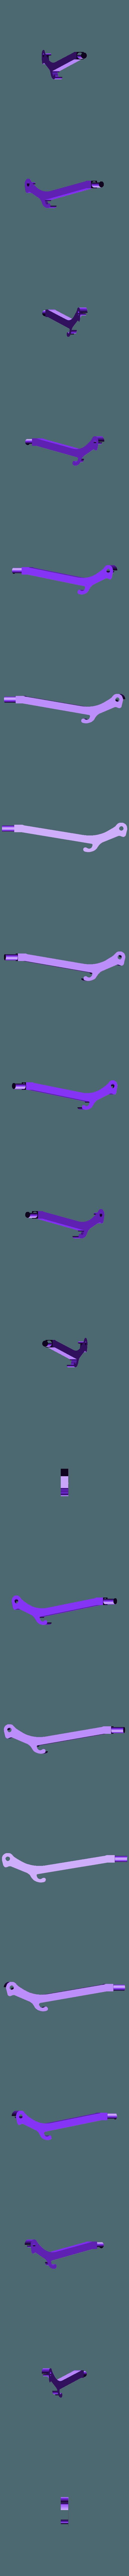 LGLegFront_Scaled.stl Télécharger fichier STL gratuit Module HF3D : Plan imprimé 3D • Modèle pour imprimante 3D, FurEter